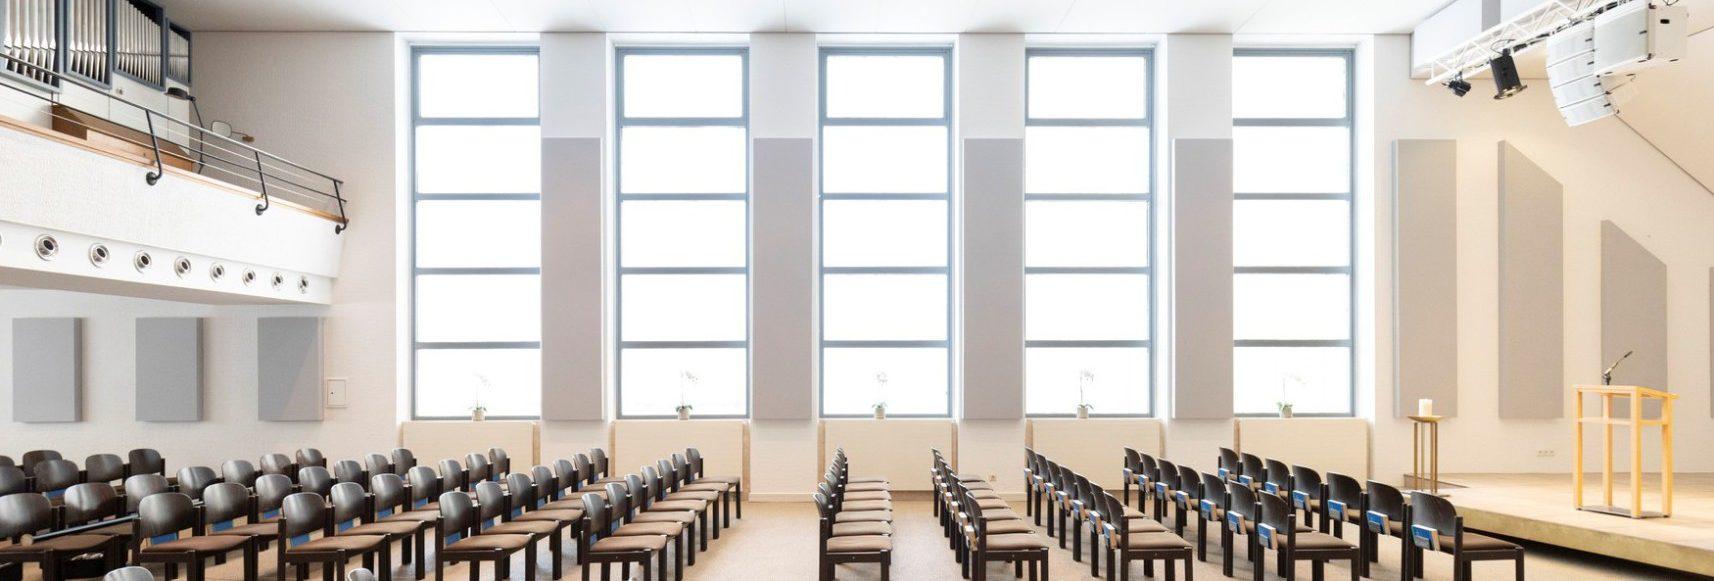 Freie Evangelische Gemeinde Düsseldorf